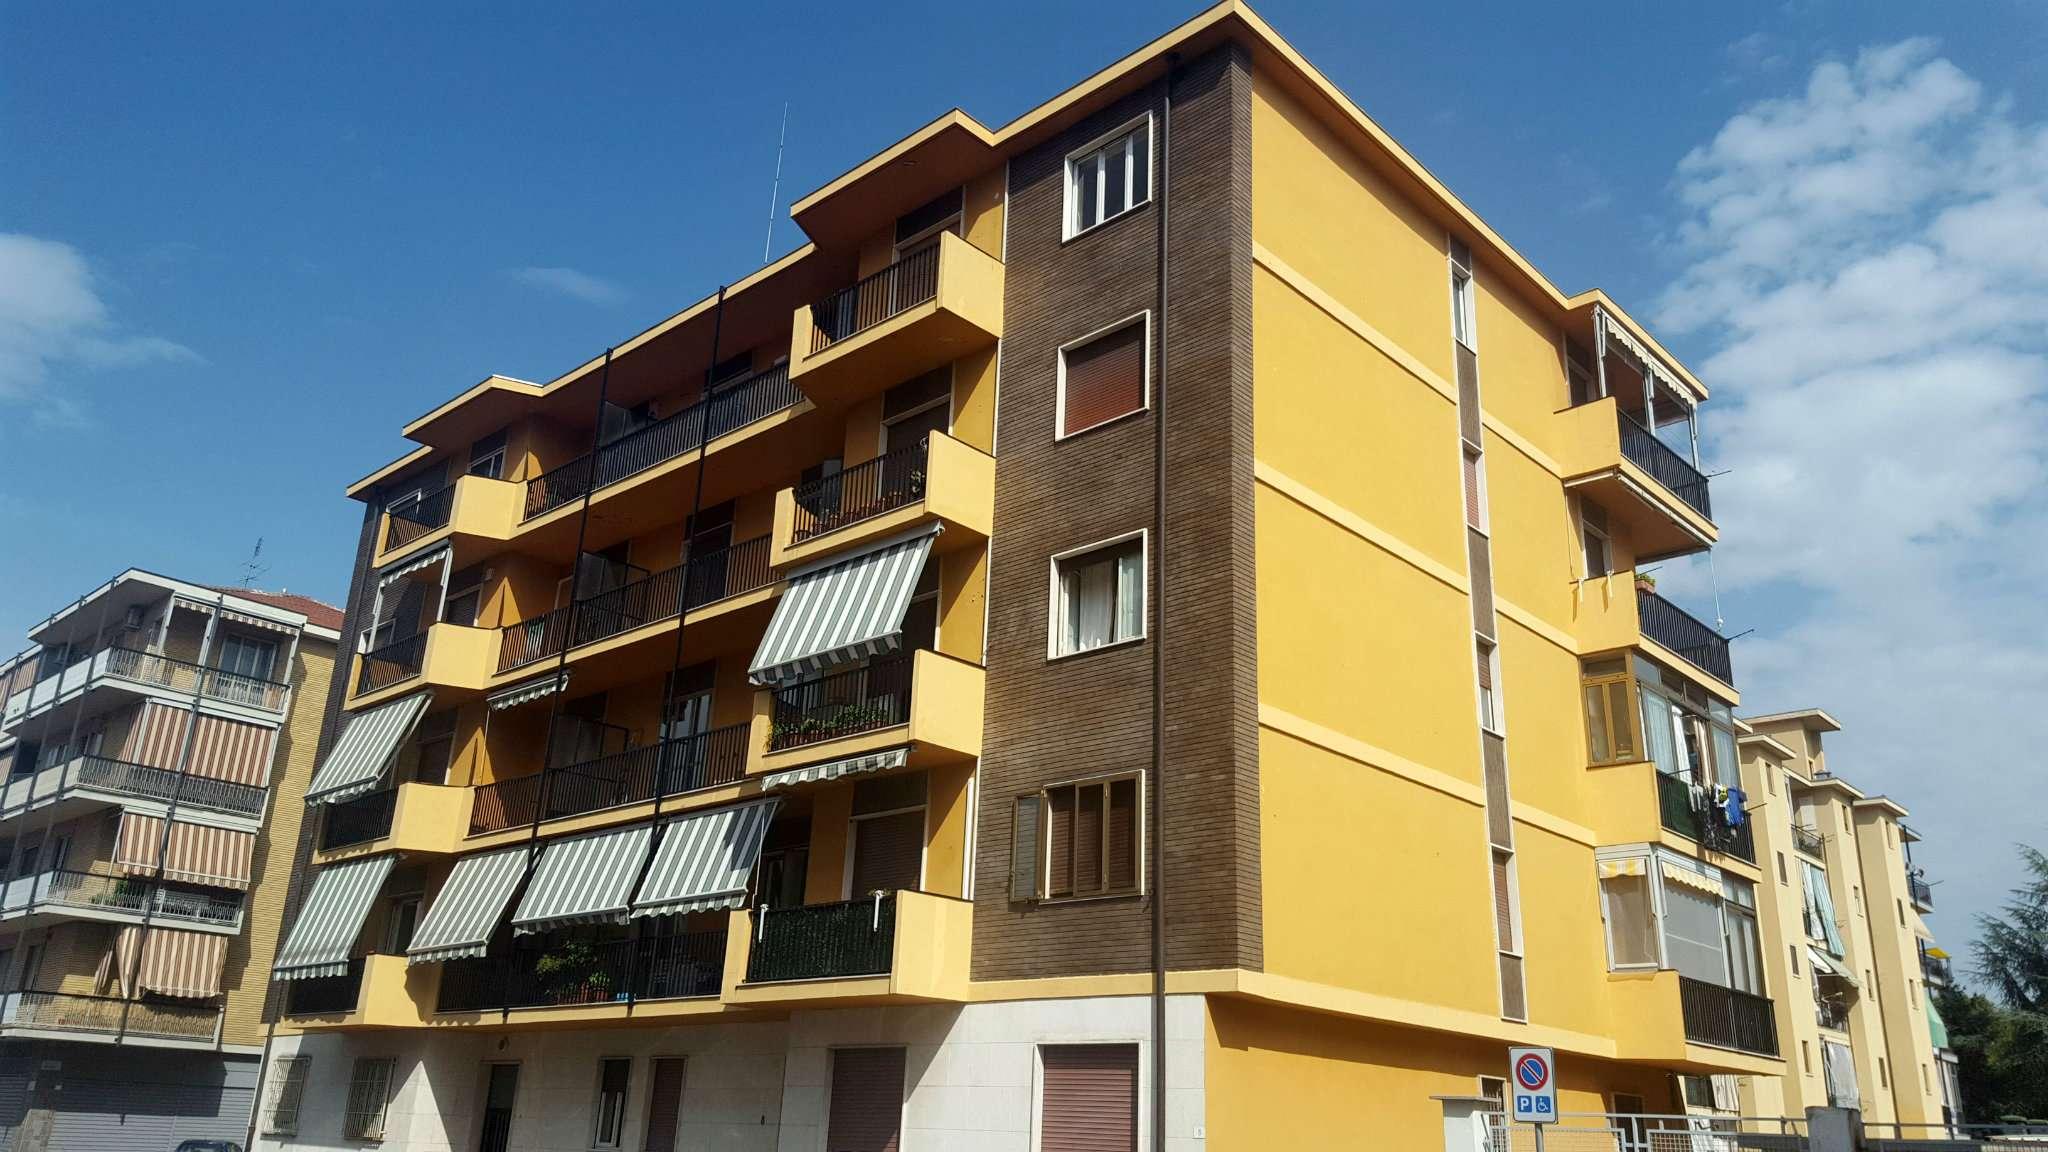 Appartamento in vendita a Grugliasco, 3 locali, prezzo € 115.000 | CambioCasa.it